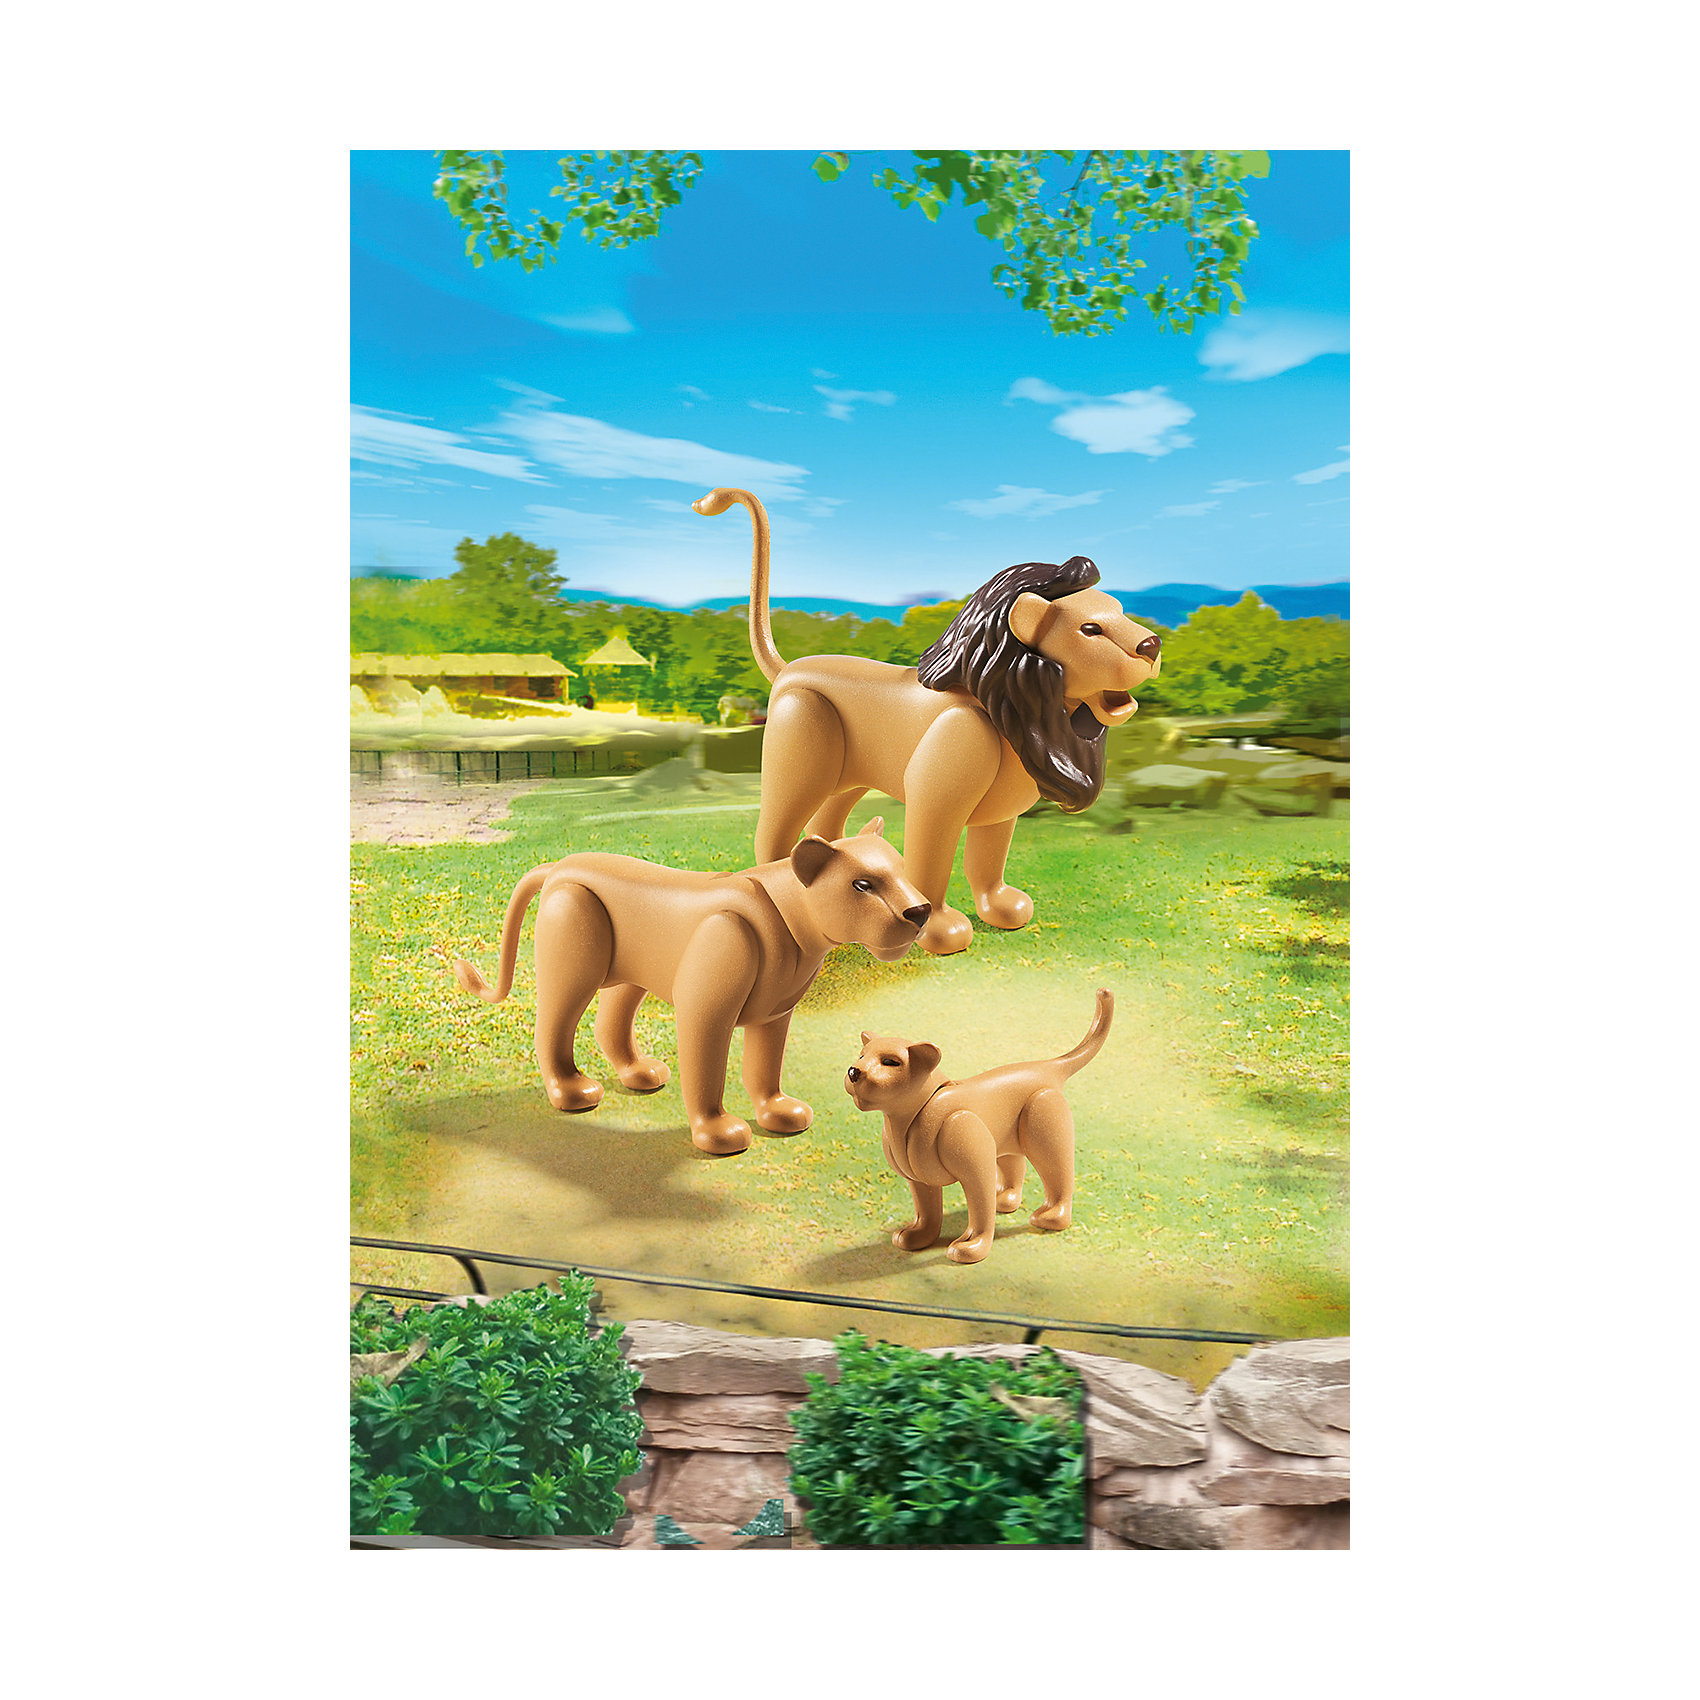 PLAYMOBIL® Зоопарк: Семья Львов, PLAYMOBIL playmobil® зоопарк семья тигров playmobil